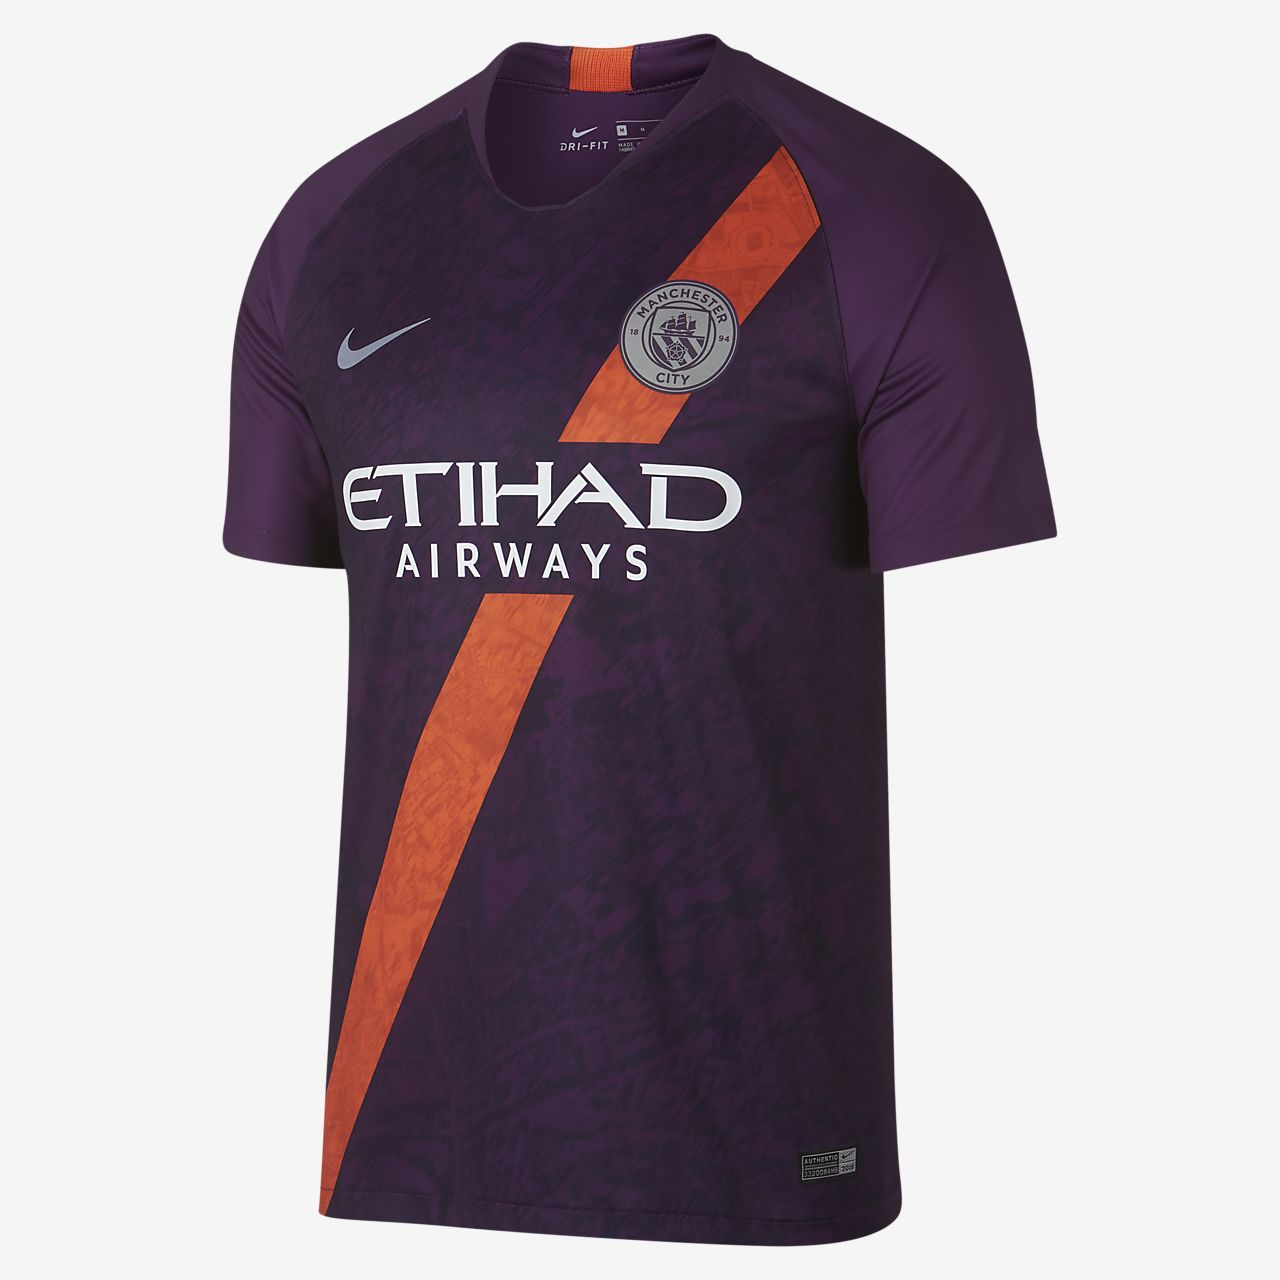 Camiseta de fútbol para hombre alternativa Stadium del Manchester City FC 2018/19